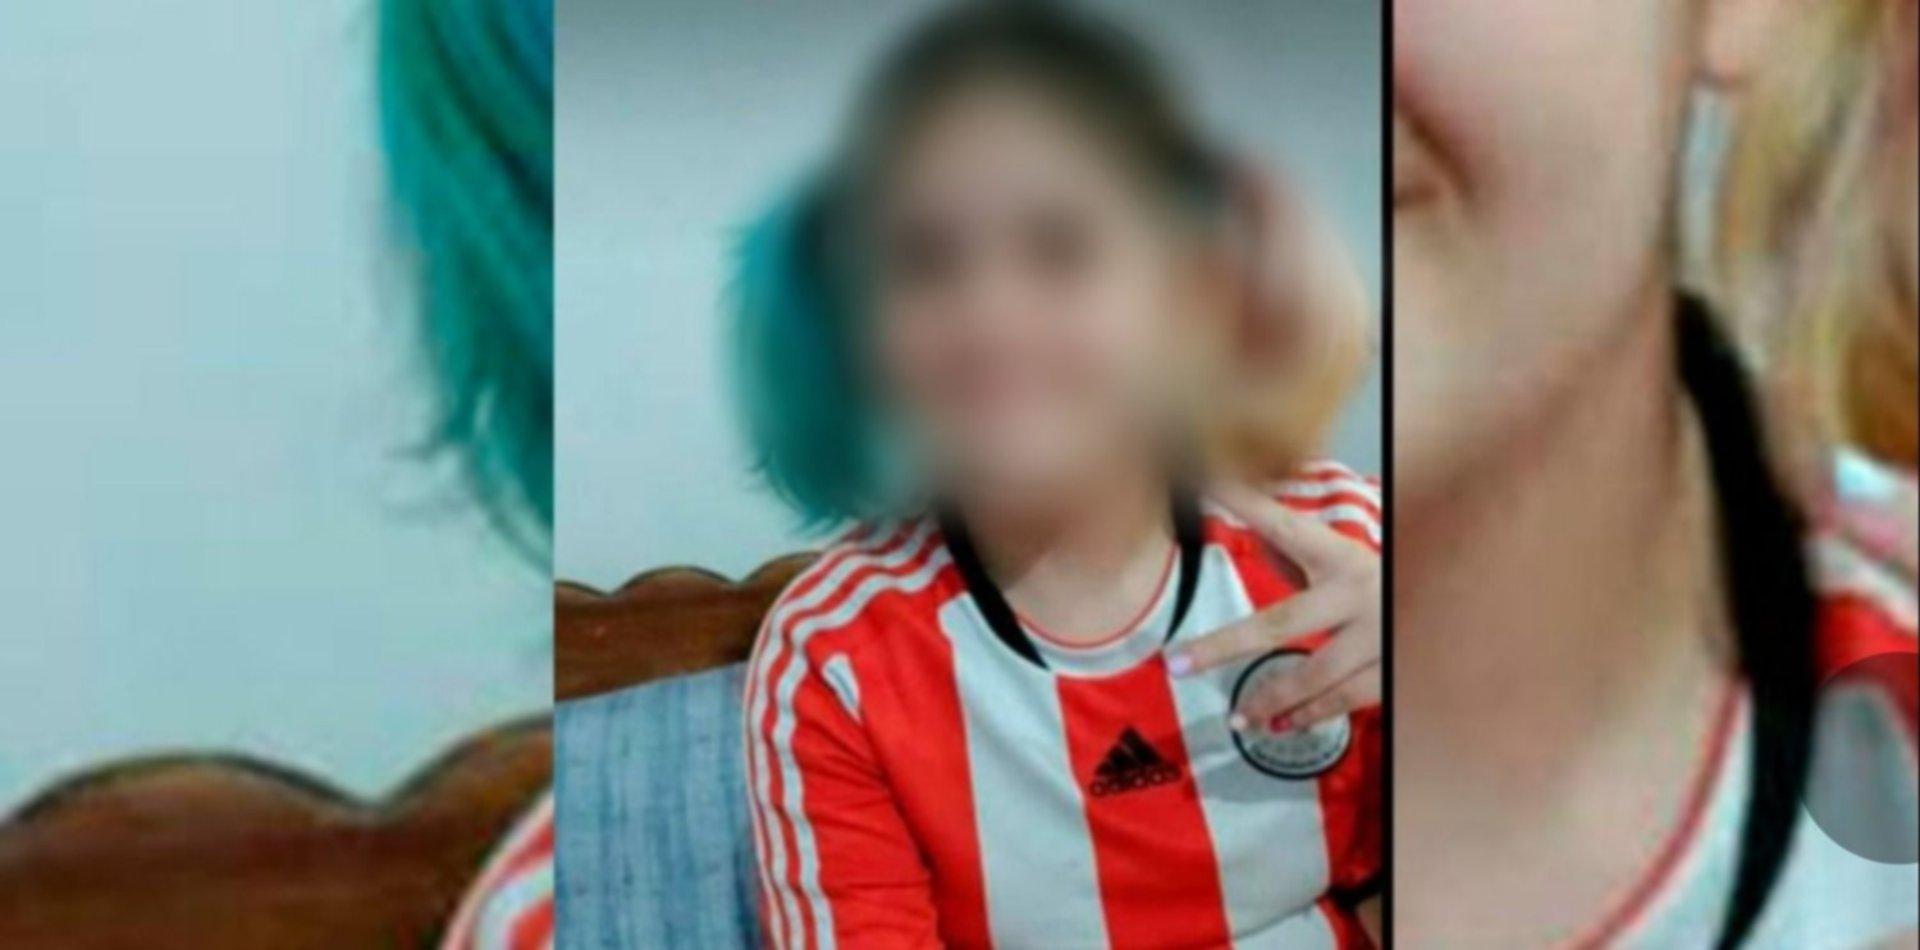 Buscan desesperadamente a una adolescente de 13 años en La Plata